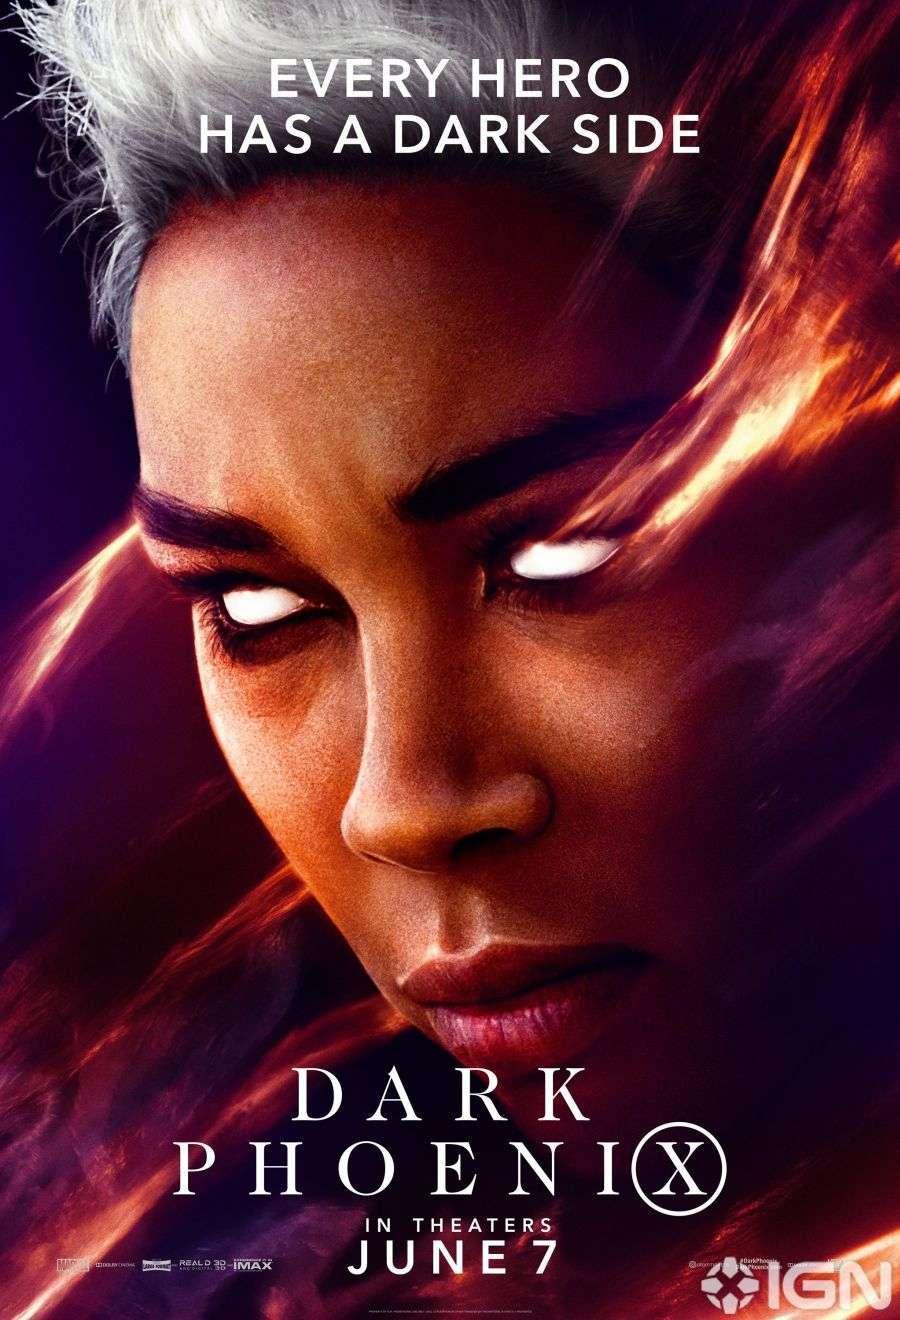 X-Men Dark Phoenix Movie Poster 10